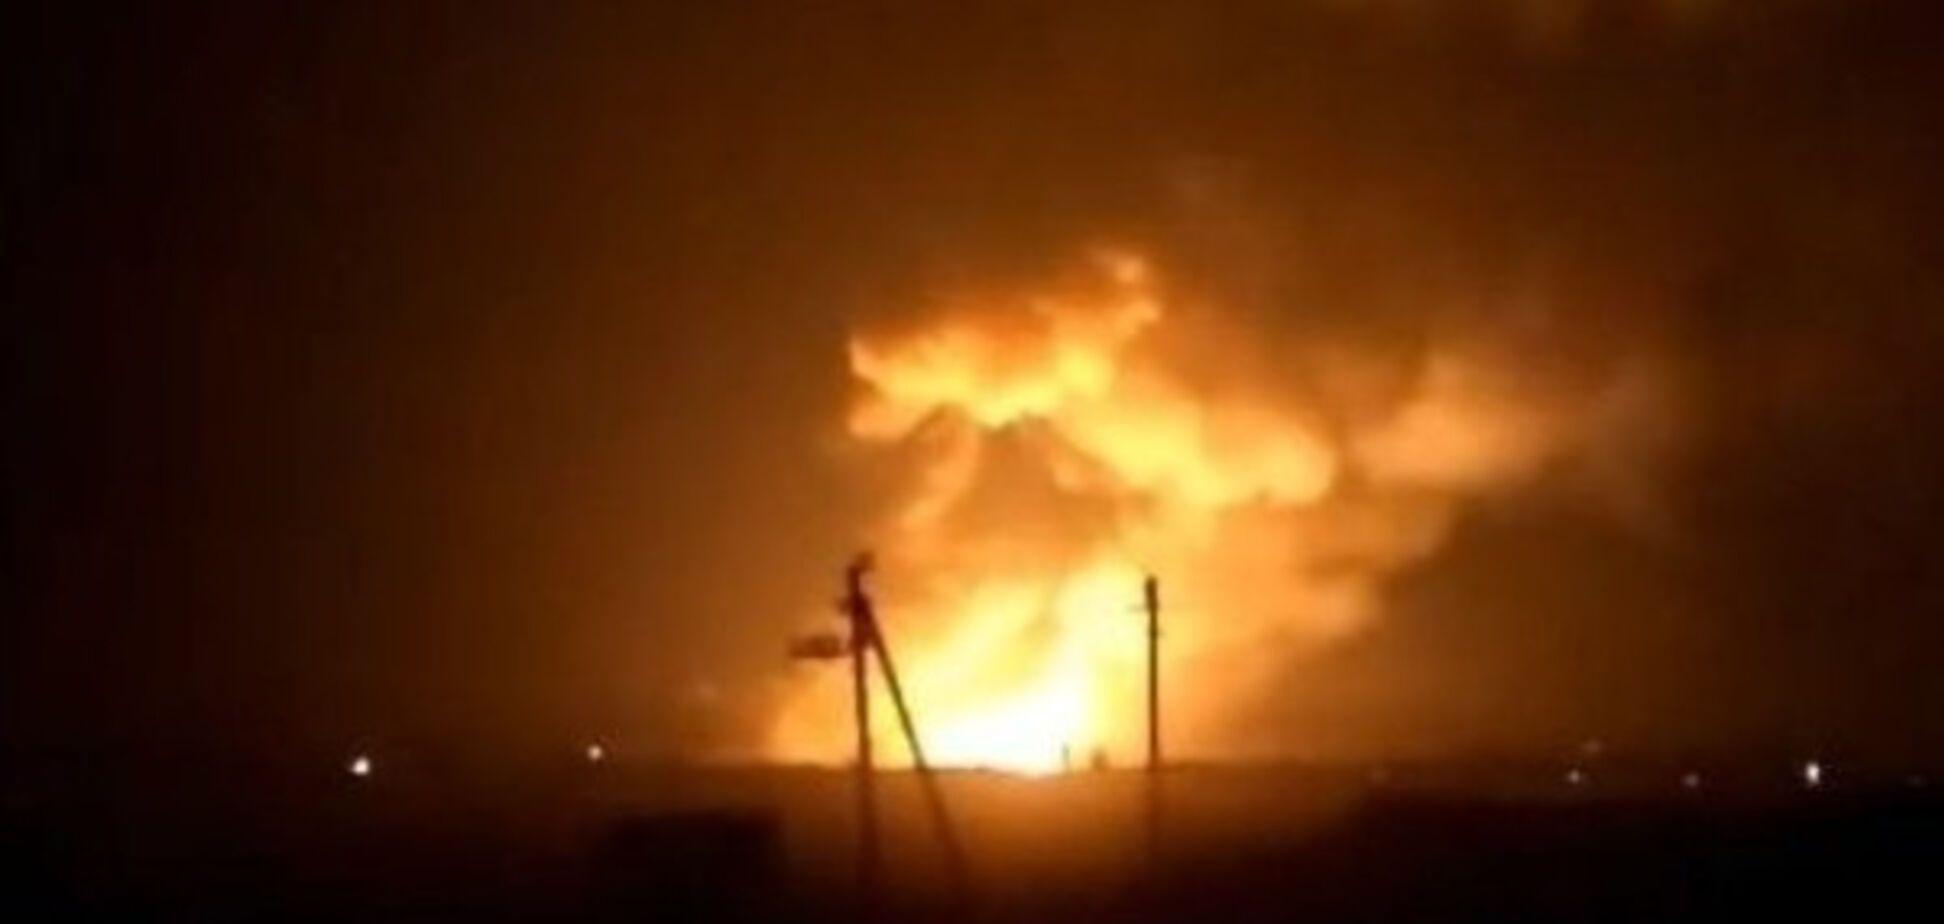 Пожар на военном складе в Балаклее